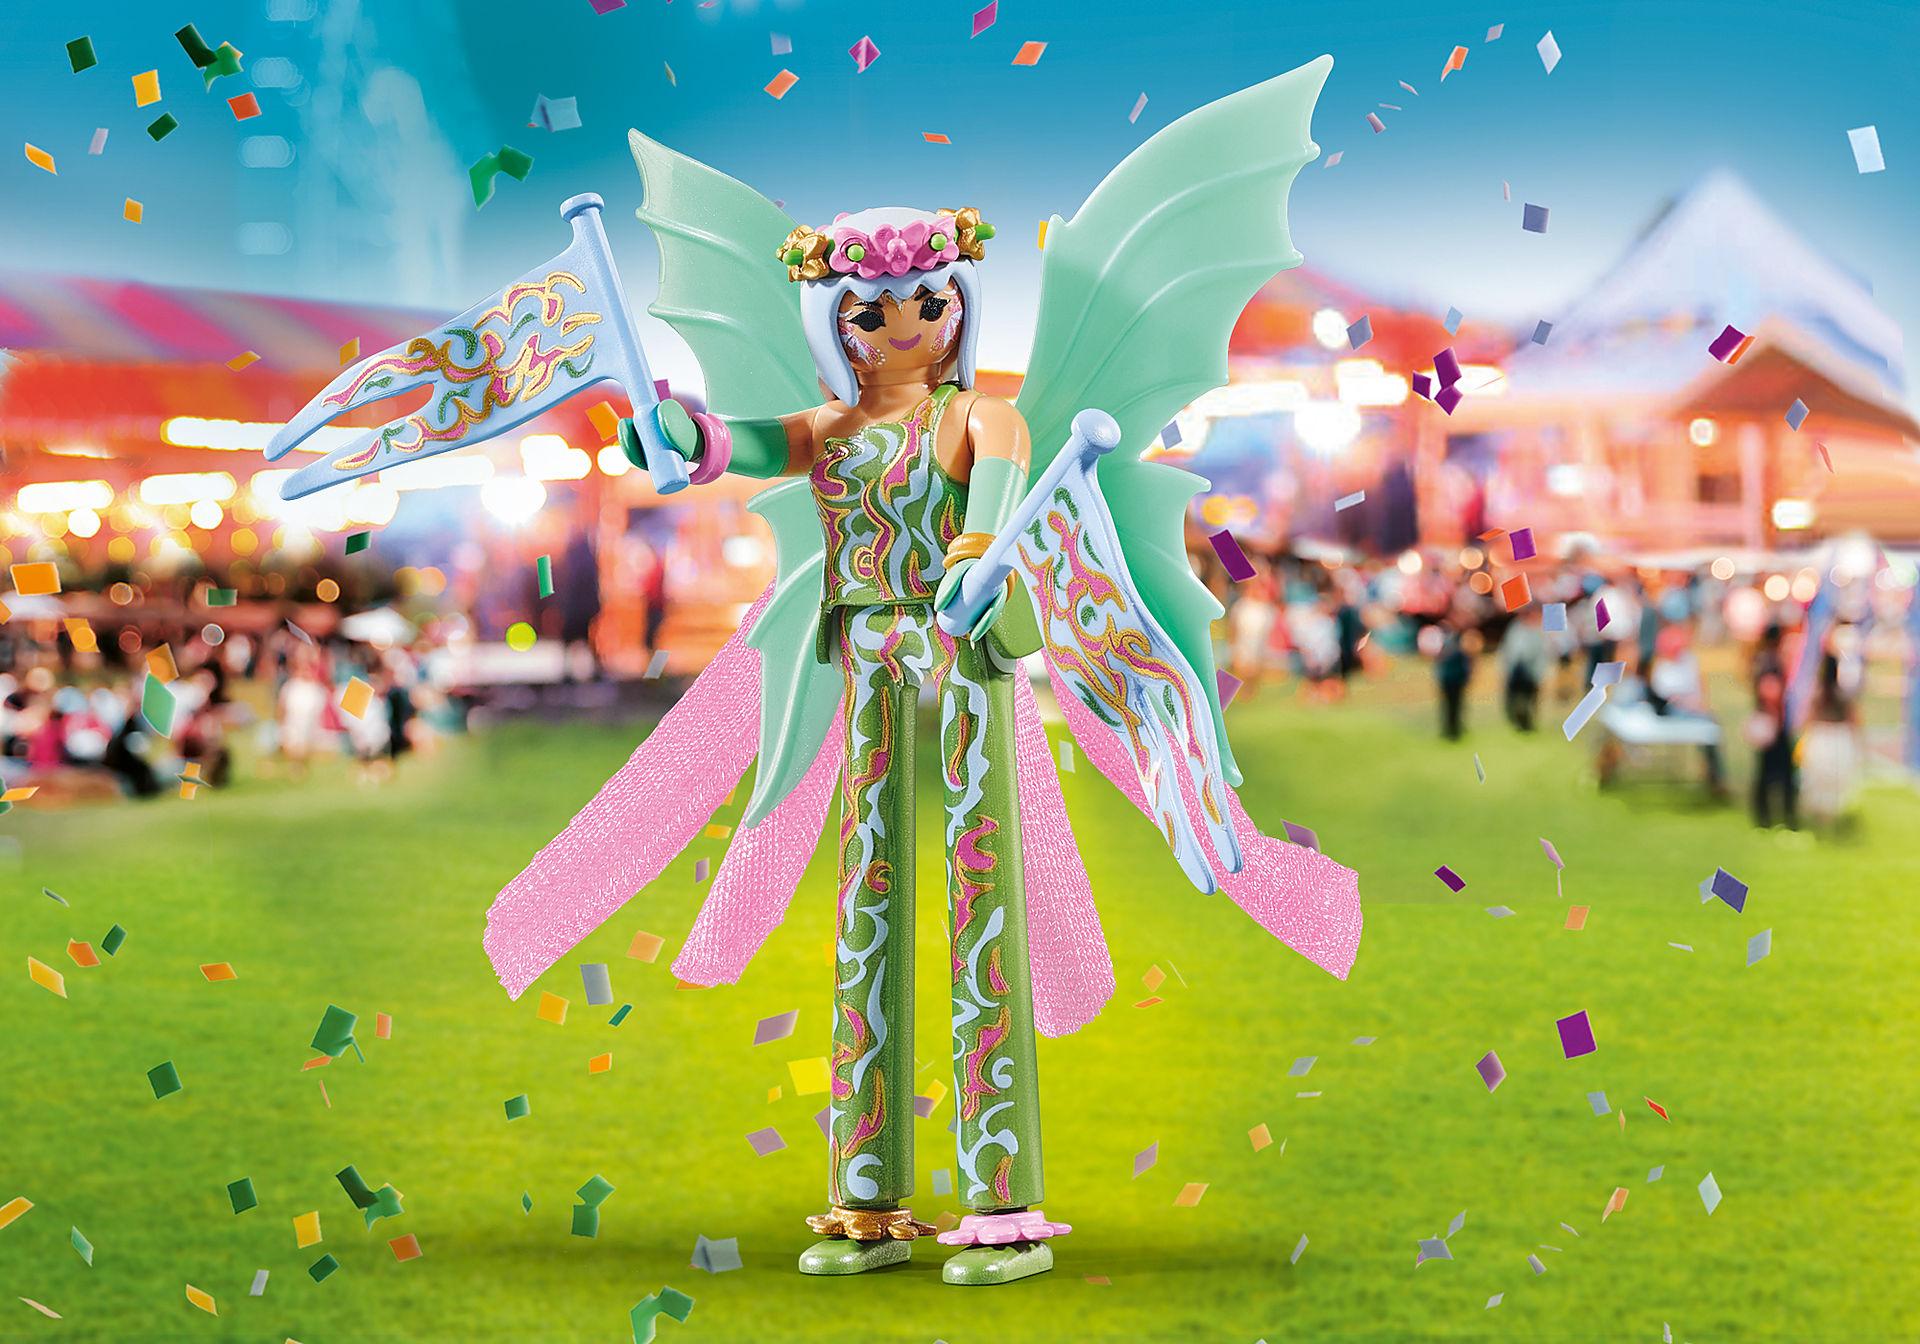 70599 Fairy Stilt Walker zoom image1